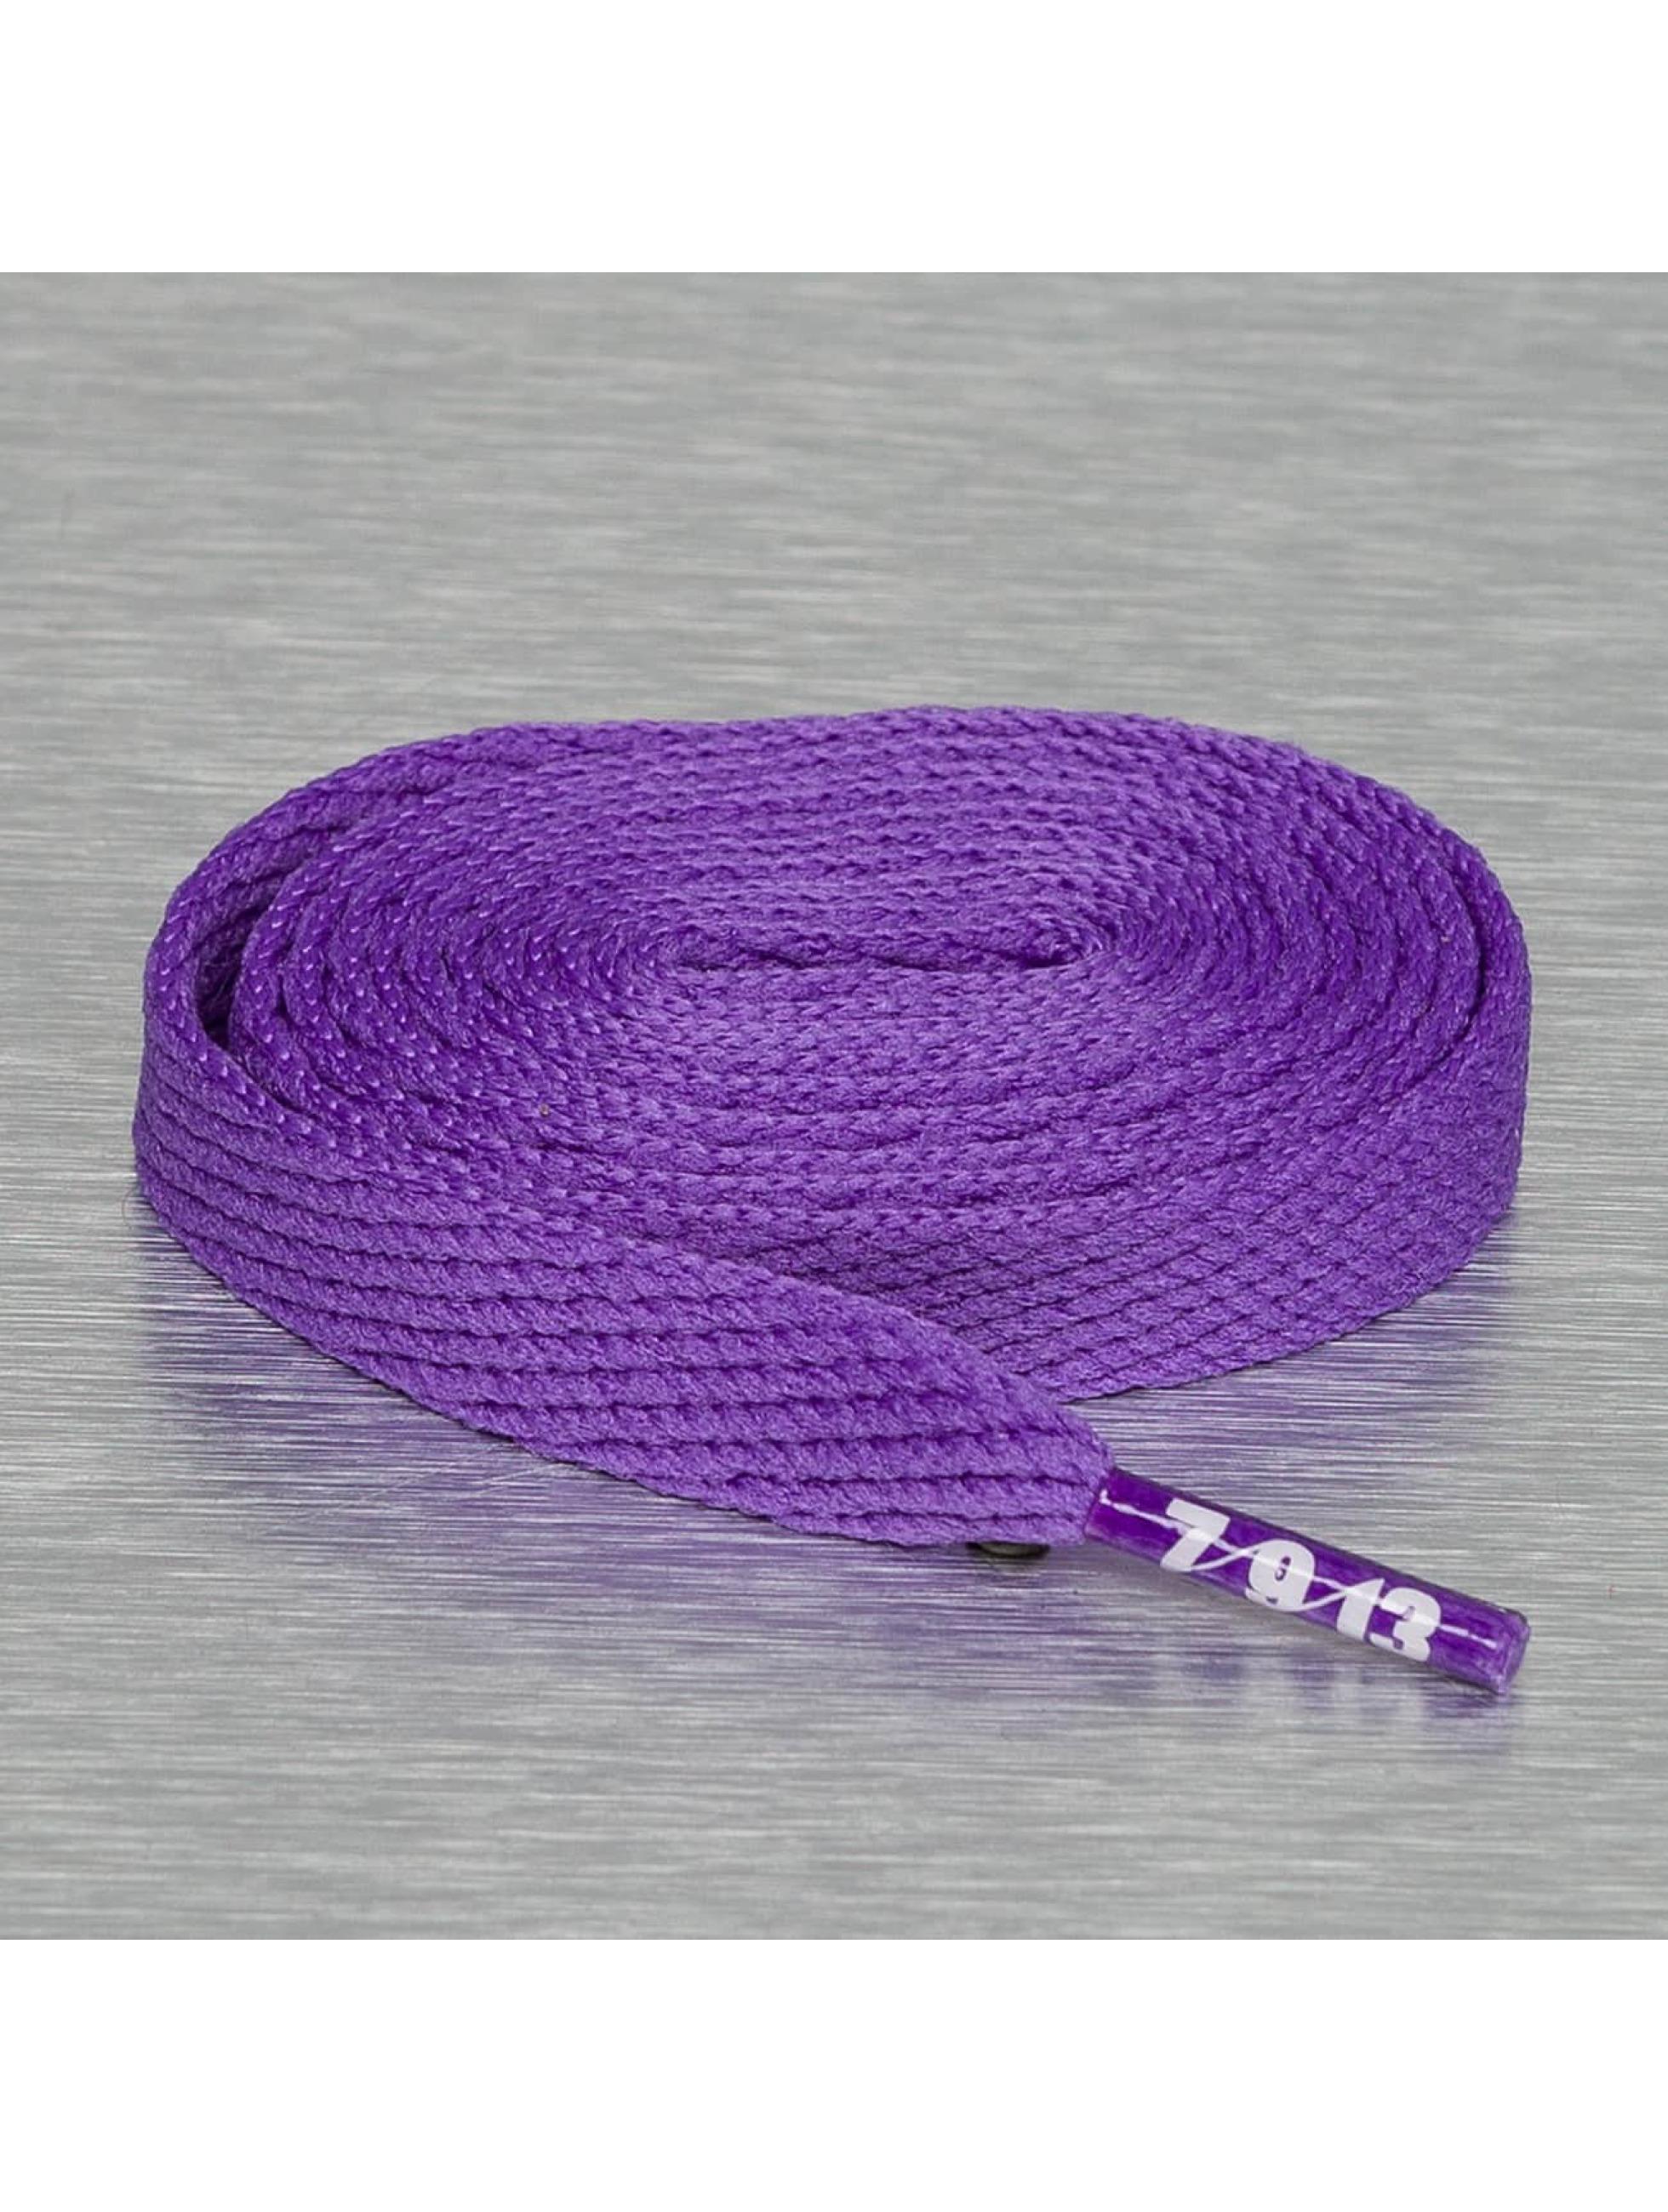 Seven Nine 13 Schuhzubehör Hard Candy Flat violet